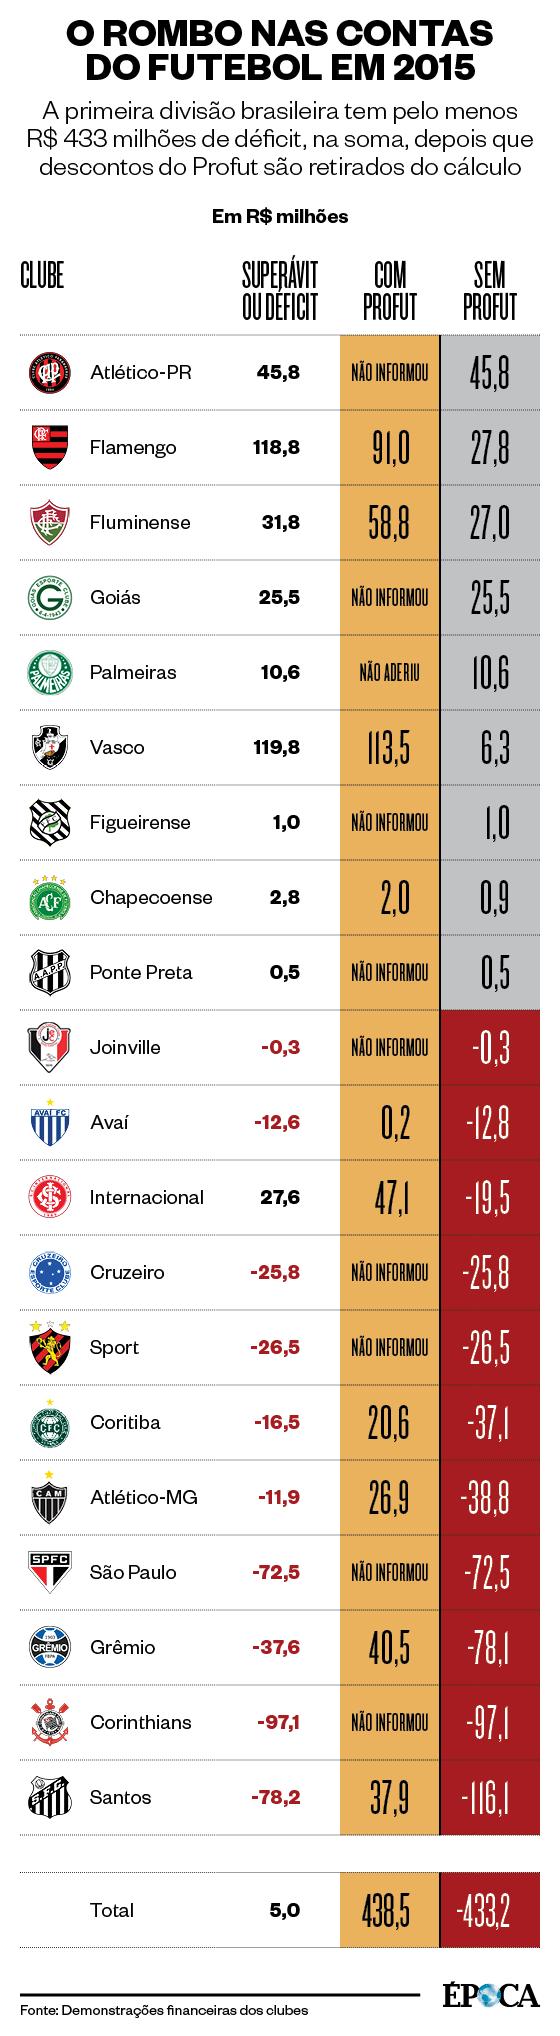 O rombo nas contas dos clubes da primeira divisão em 2015 (Foto: Arte ÉPOCA)